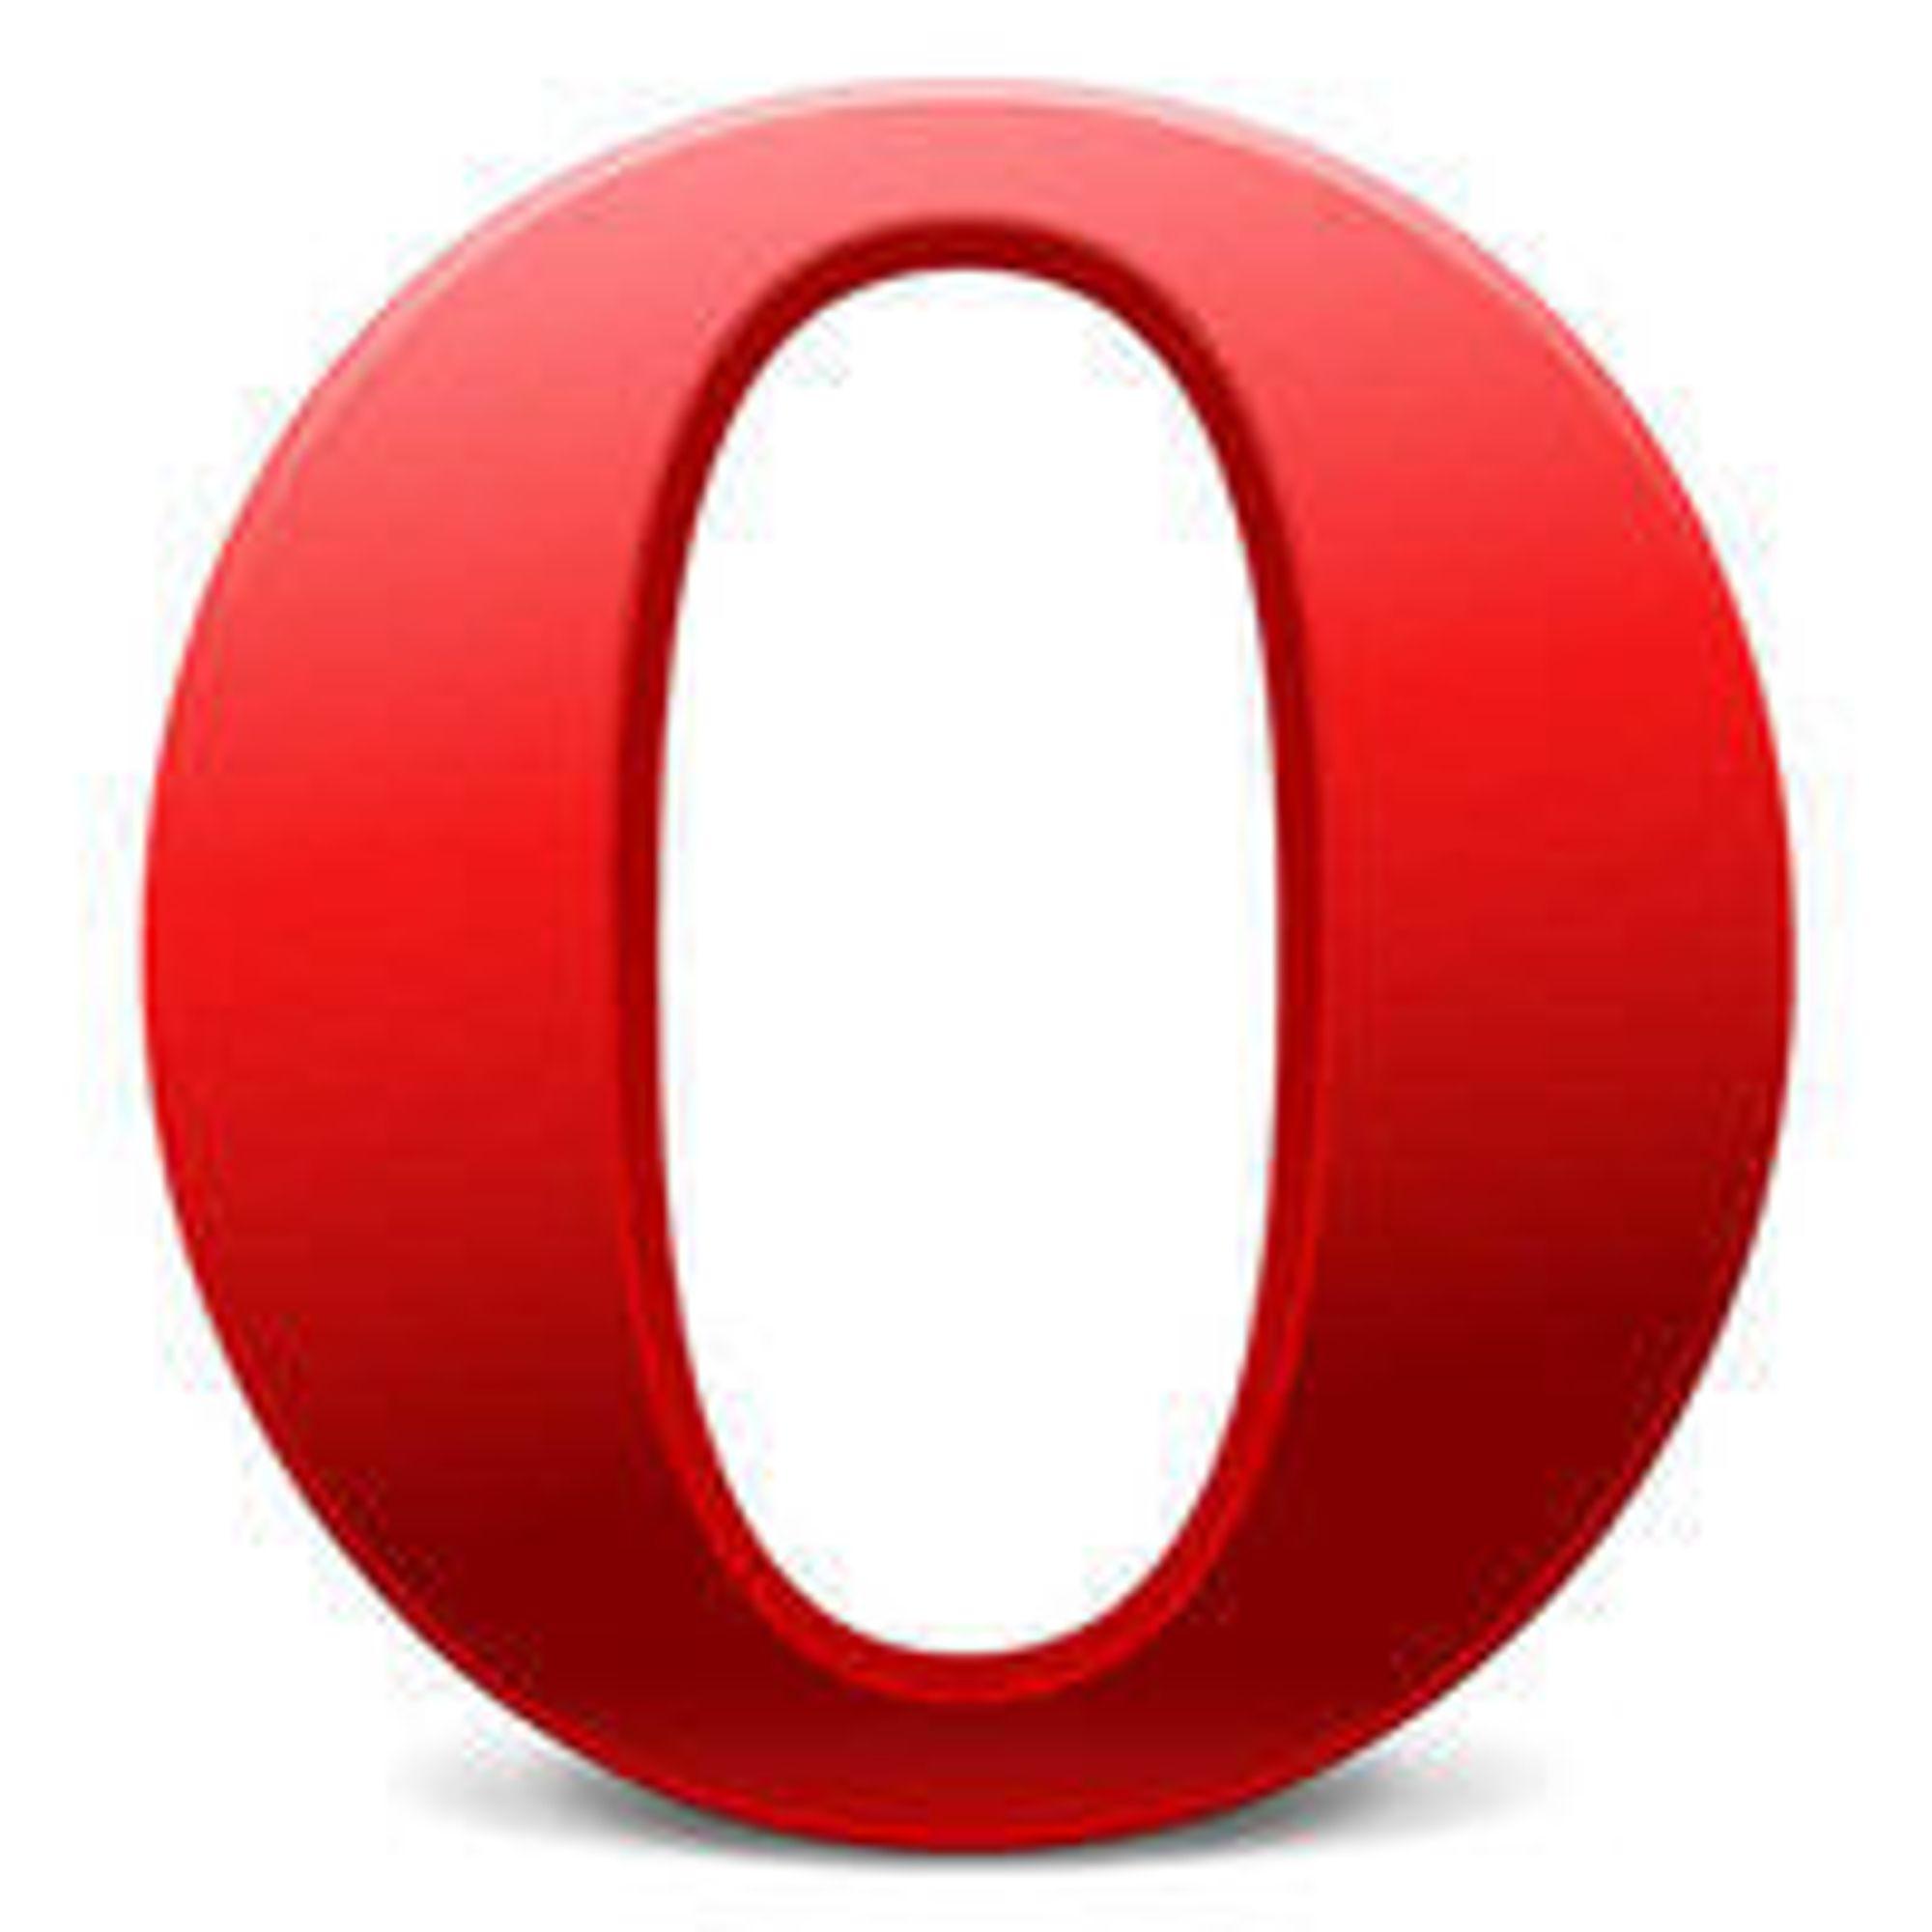 Opera nye logo er mer moderne enn tidligere og har et uttrykk mer i tråd med hva konkurrentene benytter.